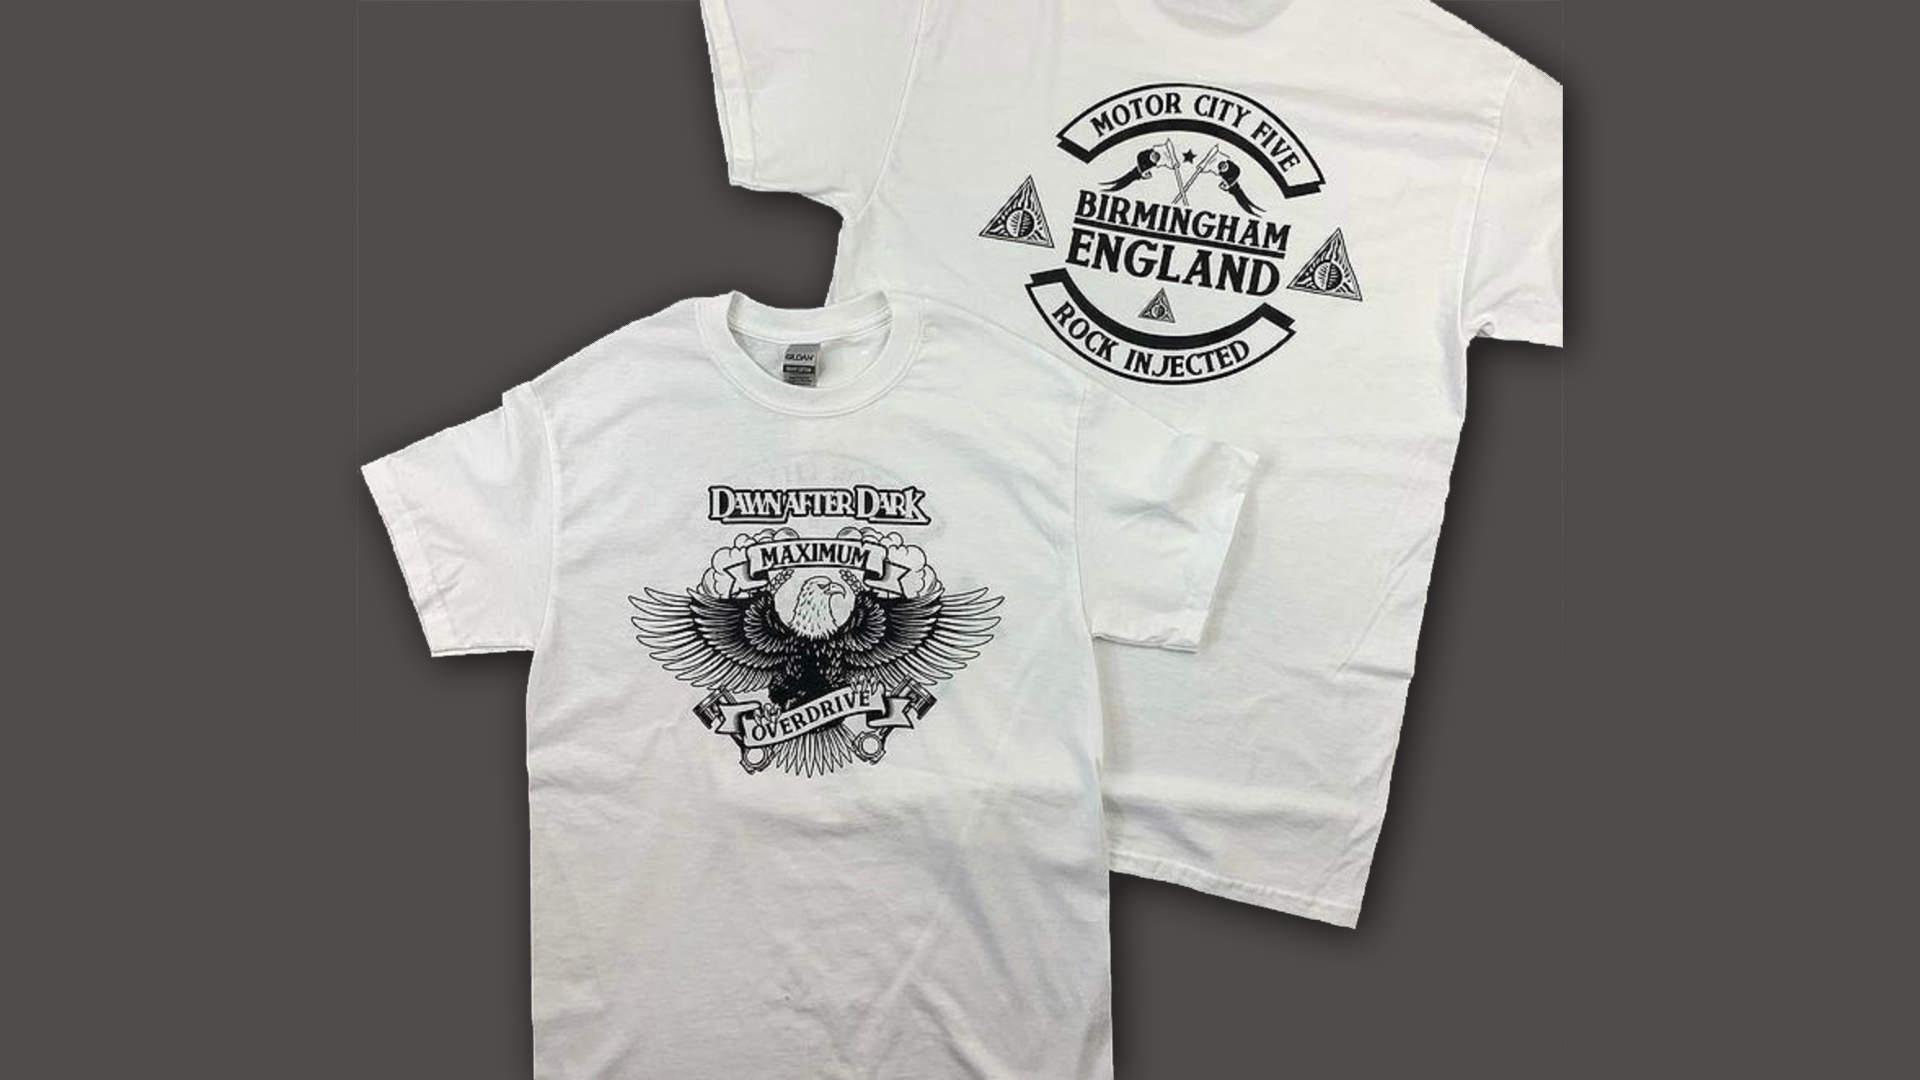 Down After Dark - Maximum overdrive T-shirt